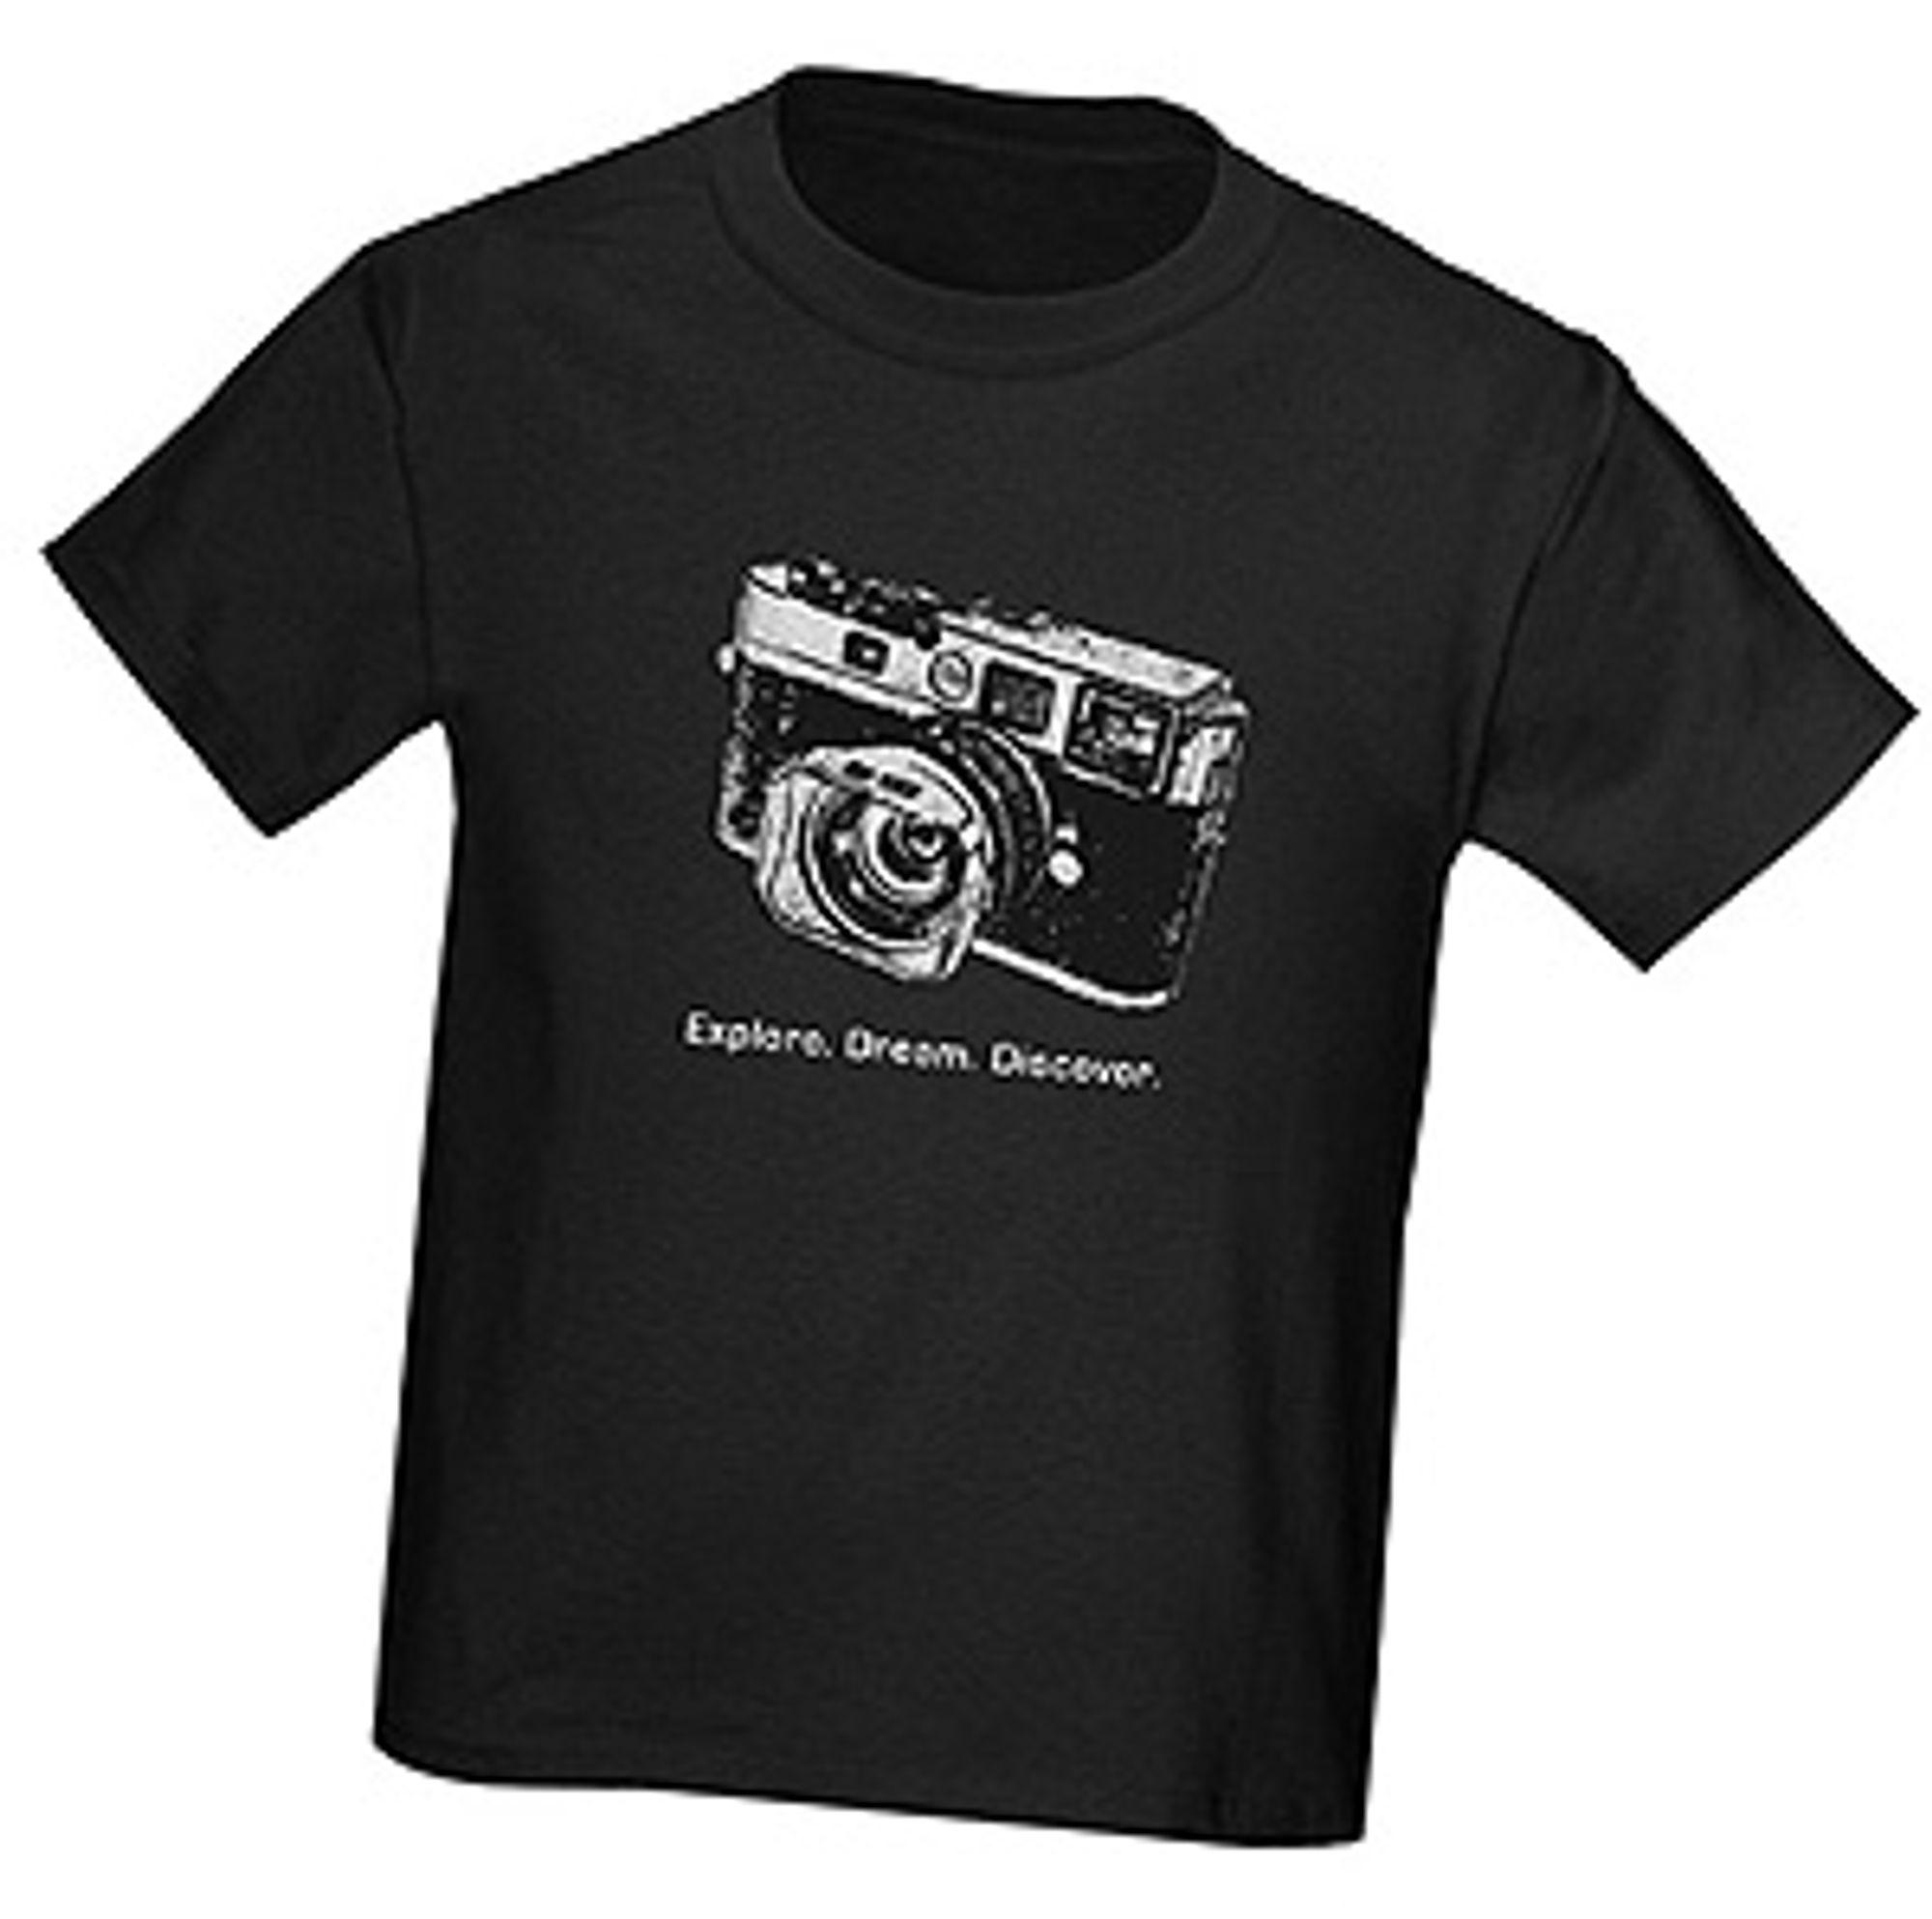 Kjøp en t-skjorte og bidra til å oppfylle en drøm.